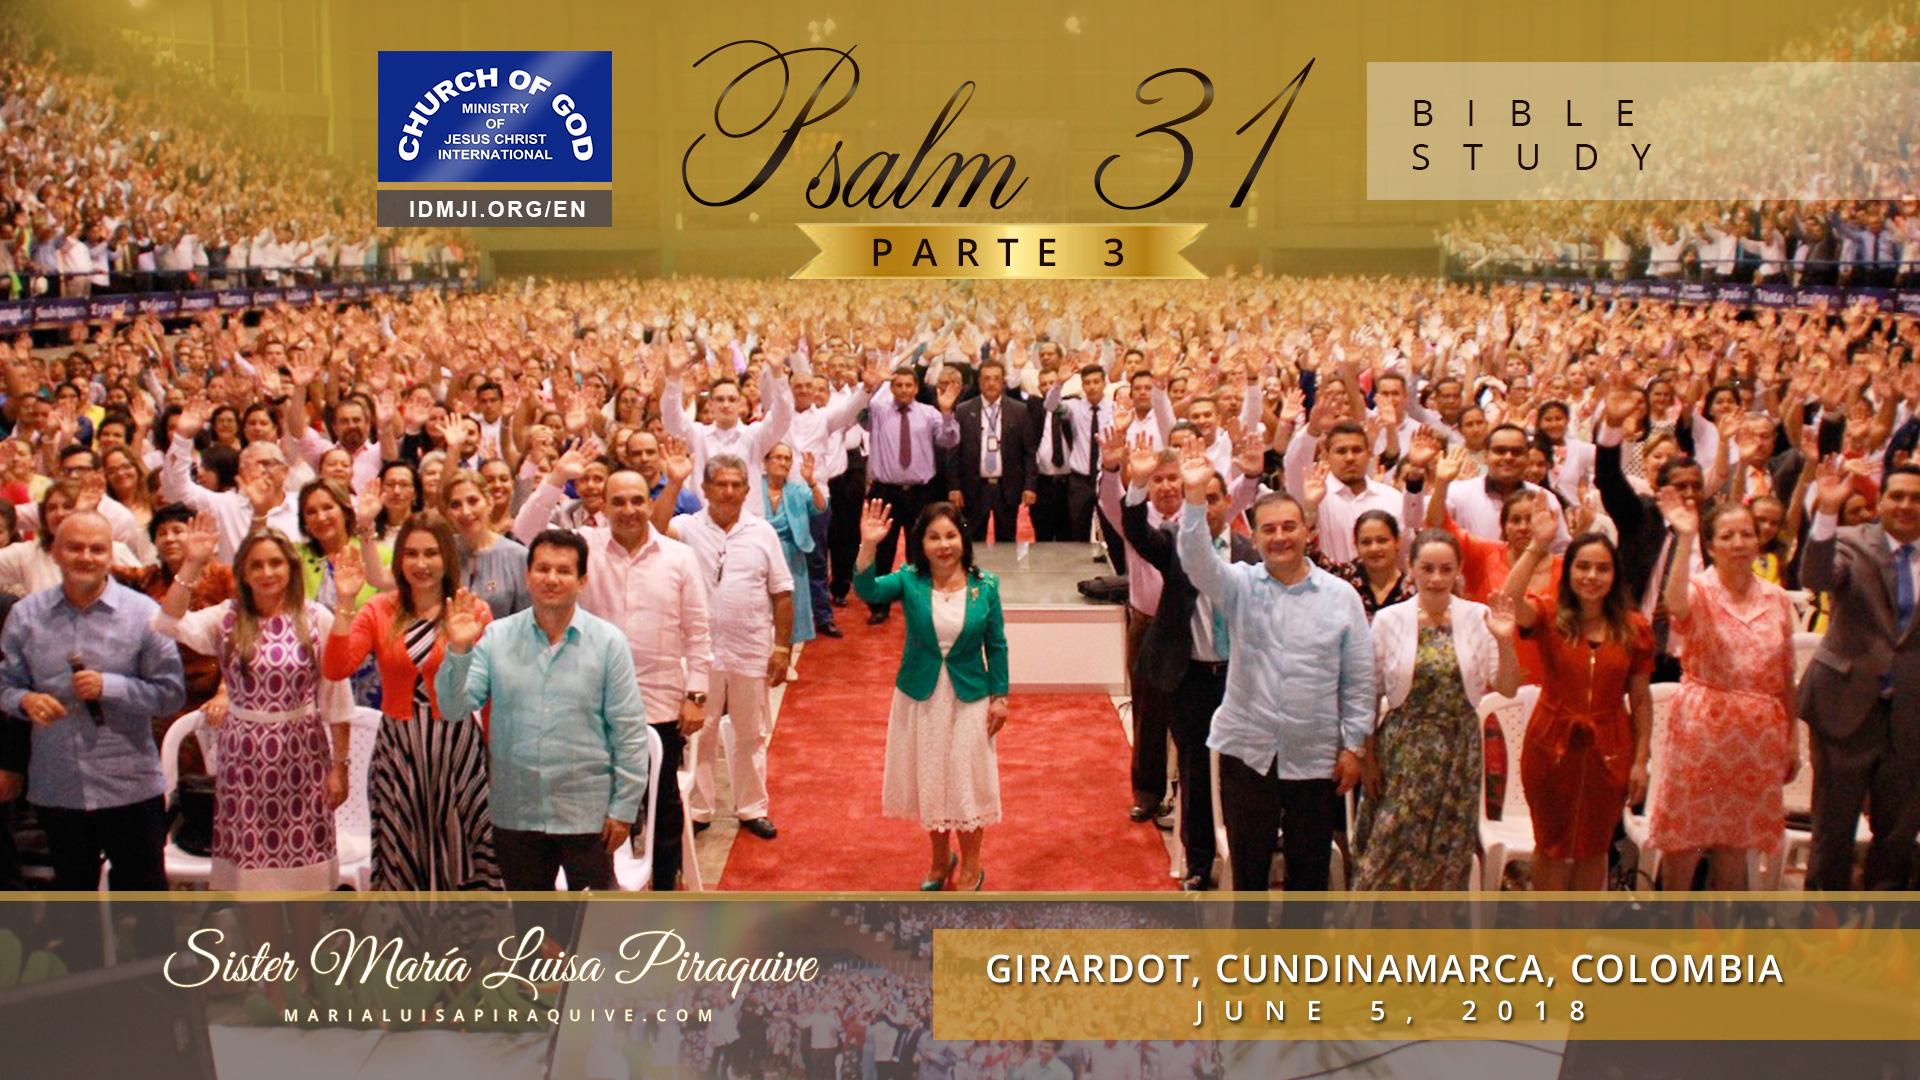 Psalm 31 Part 3